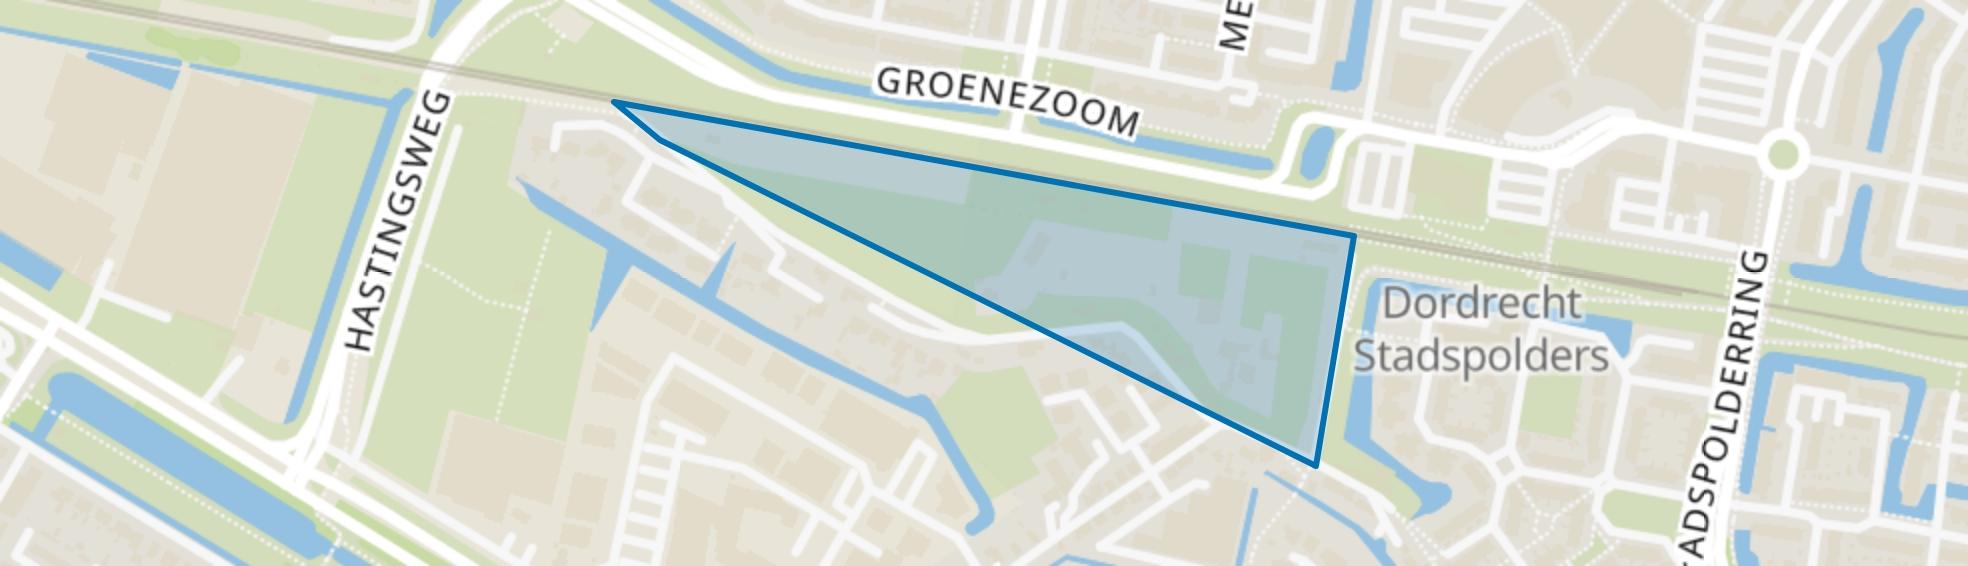 Vissersdijk-Noord, Dordrecht map